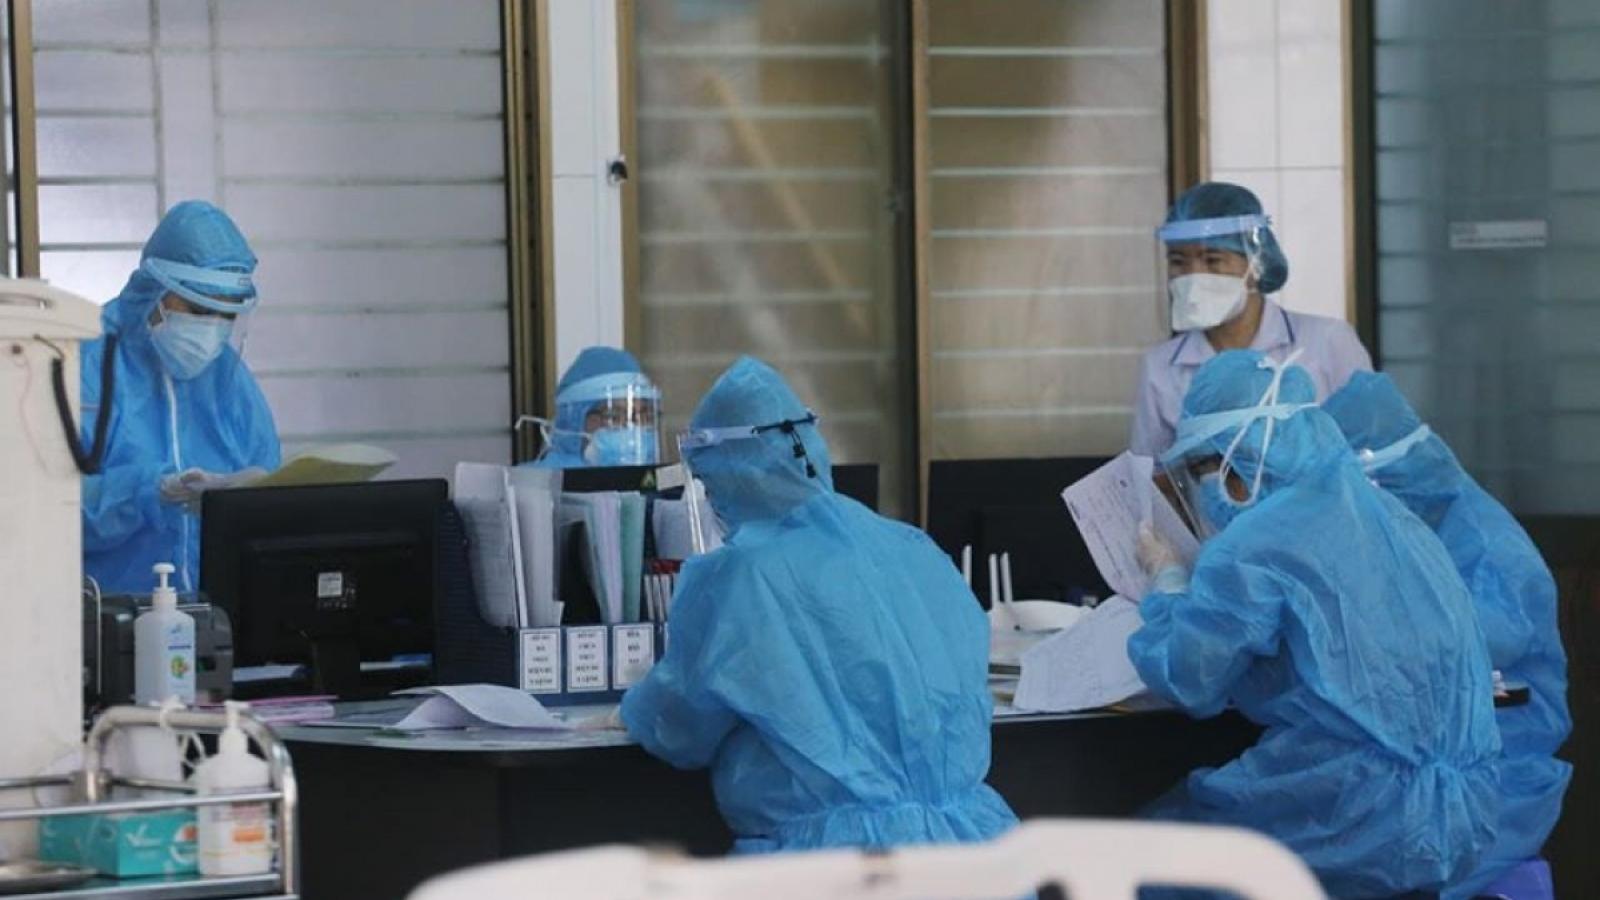 Nhân viên công ty Fuji Bakelite Việt Nam dương tính SARS-CoV-2, Hưng Yên khẩn cấp truy vết